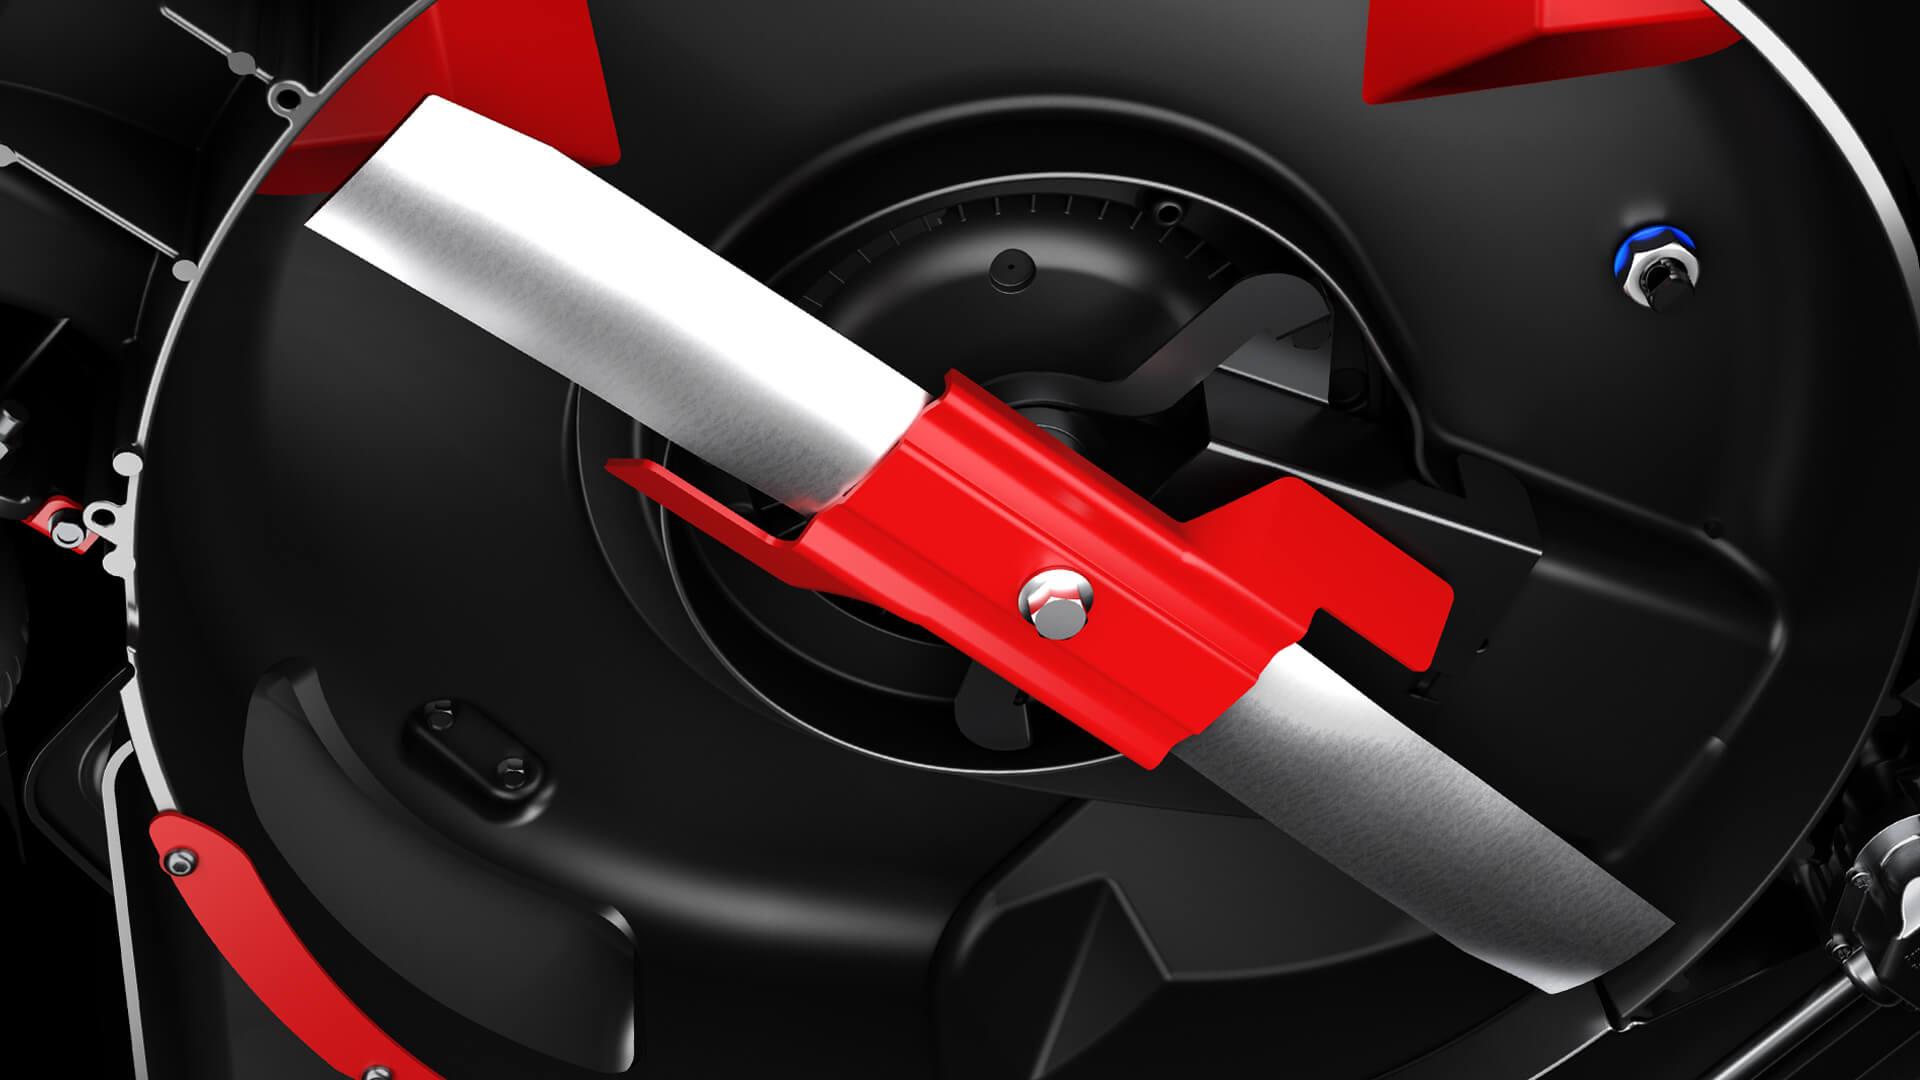 mower cutting system